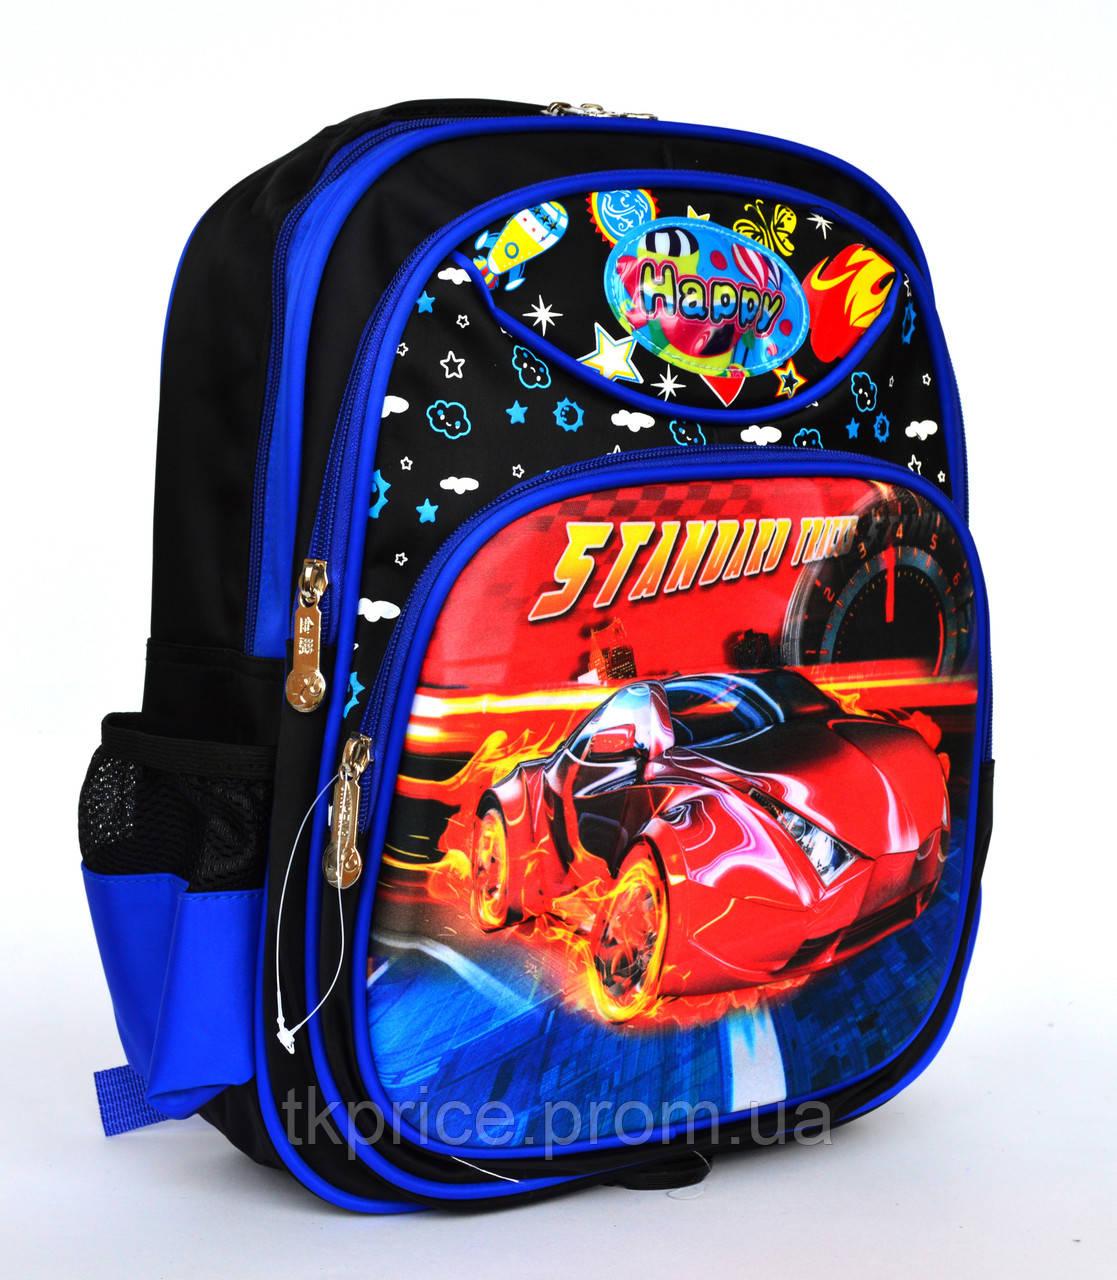 53c1af2a22a3 Школьный рюкзак с ортопедической спинкой и с 3Д рисунком - Интернет-магазин